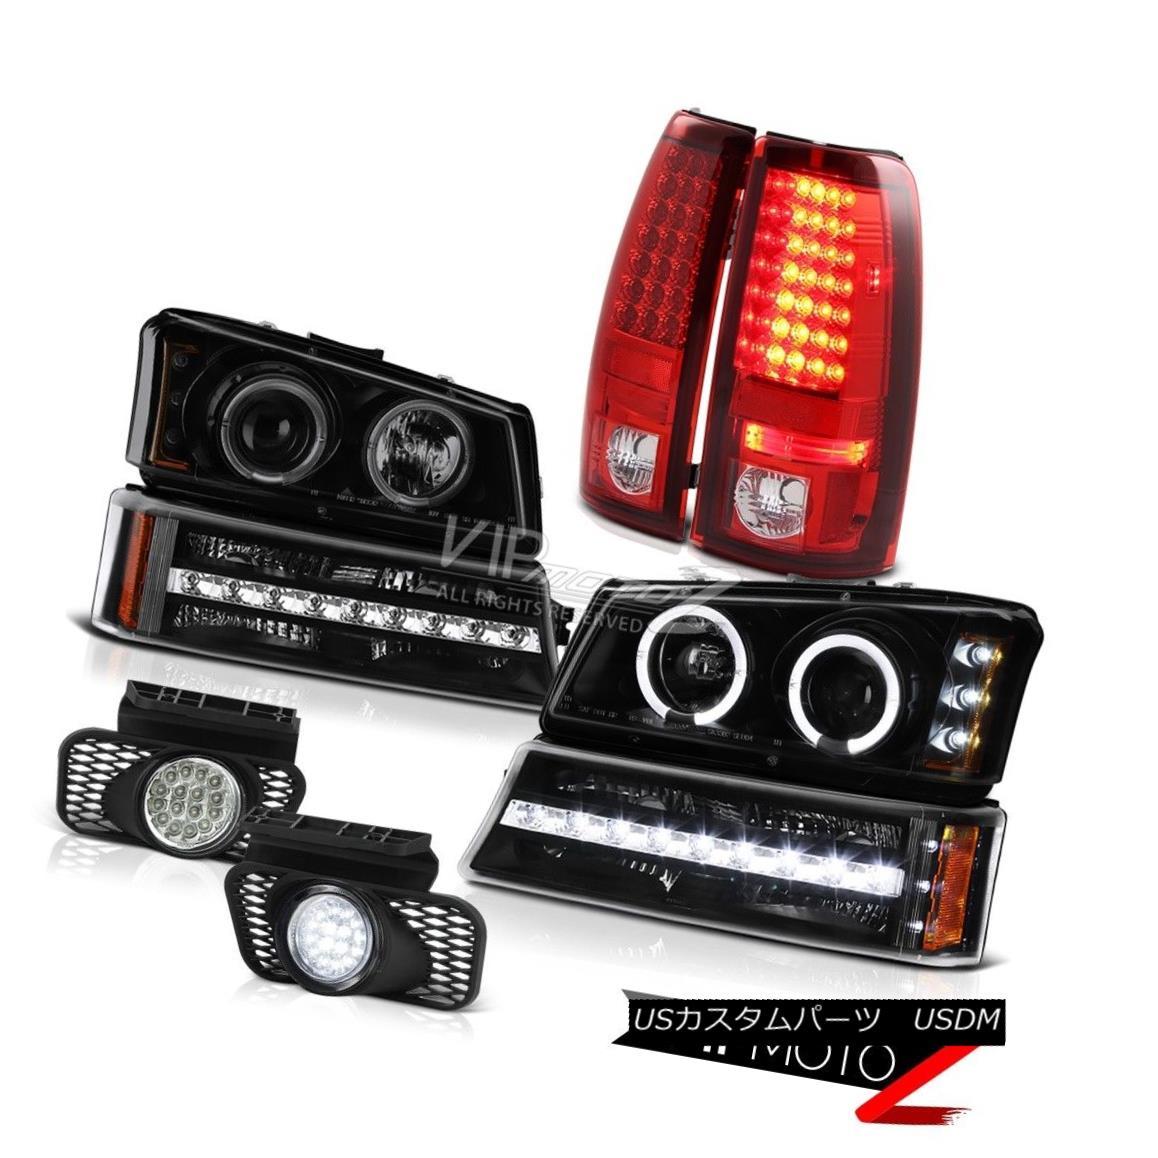 ヘッドライト 03-06 Silverado Chrome foglamps tail lamps matte black parking light headlights 03-06 Silveradoクロームフォグランプテールランプマットブラックパーキングライトヘッドライト